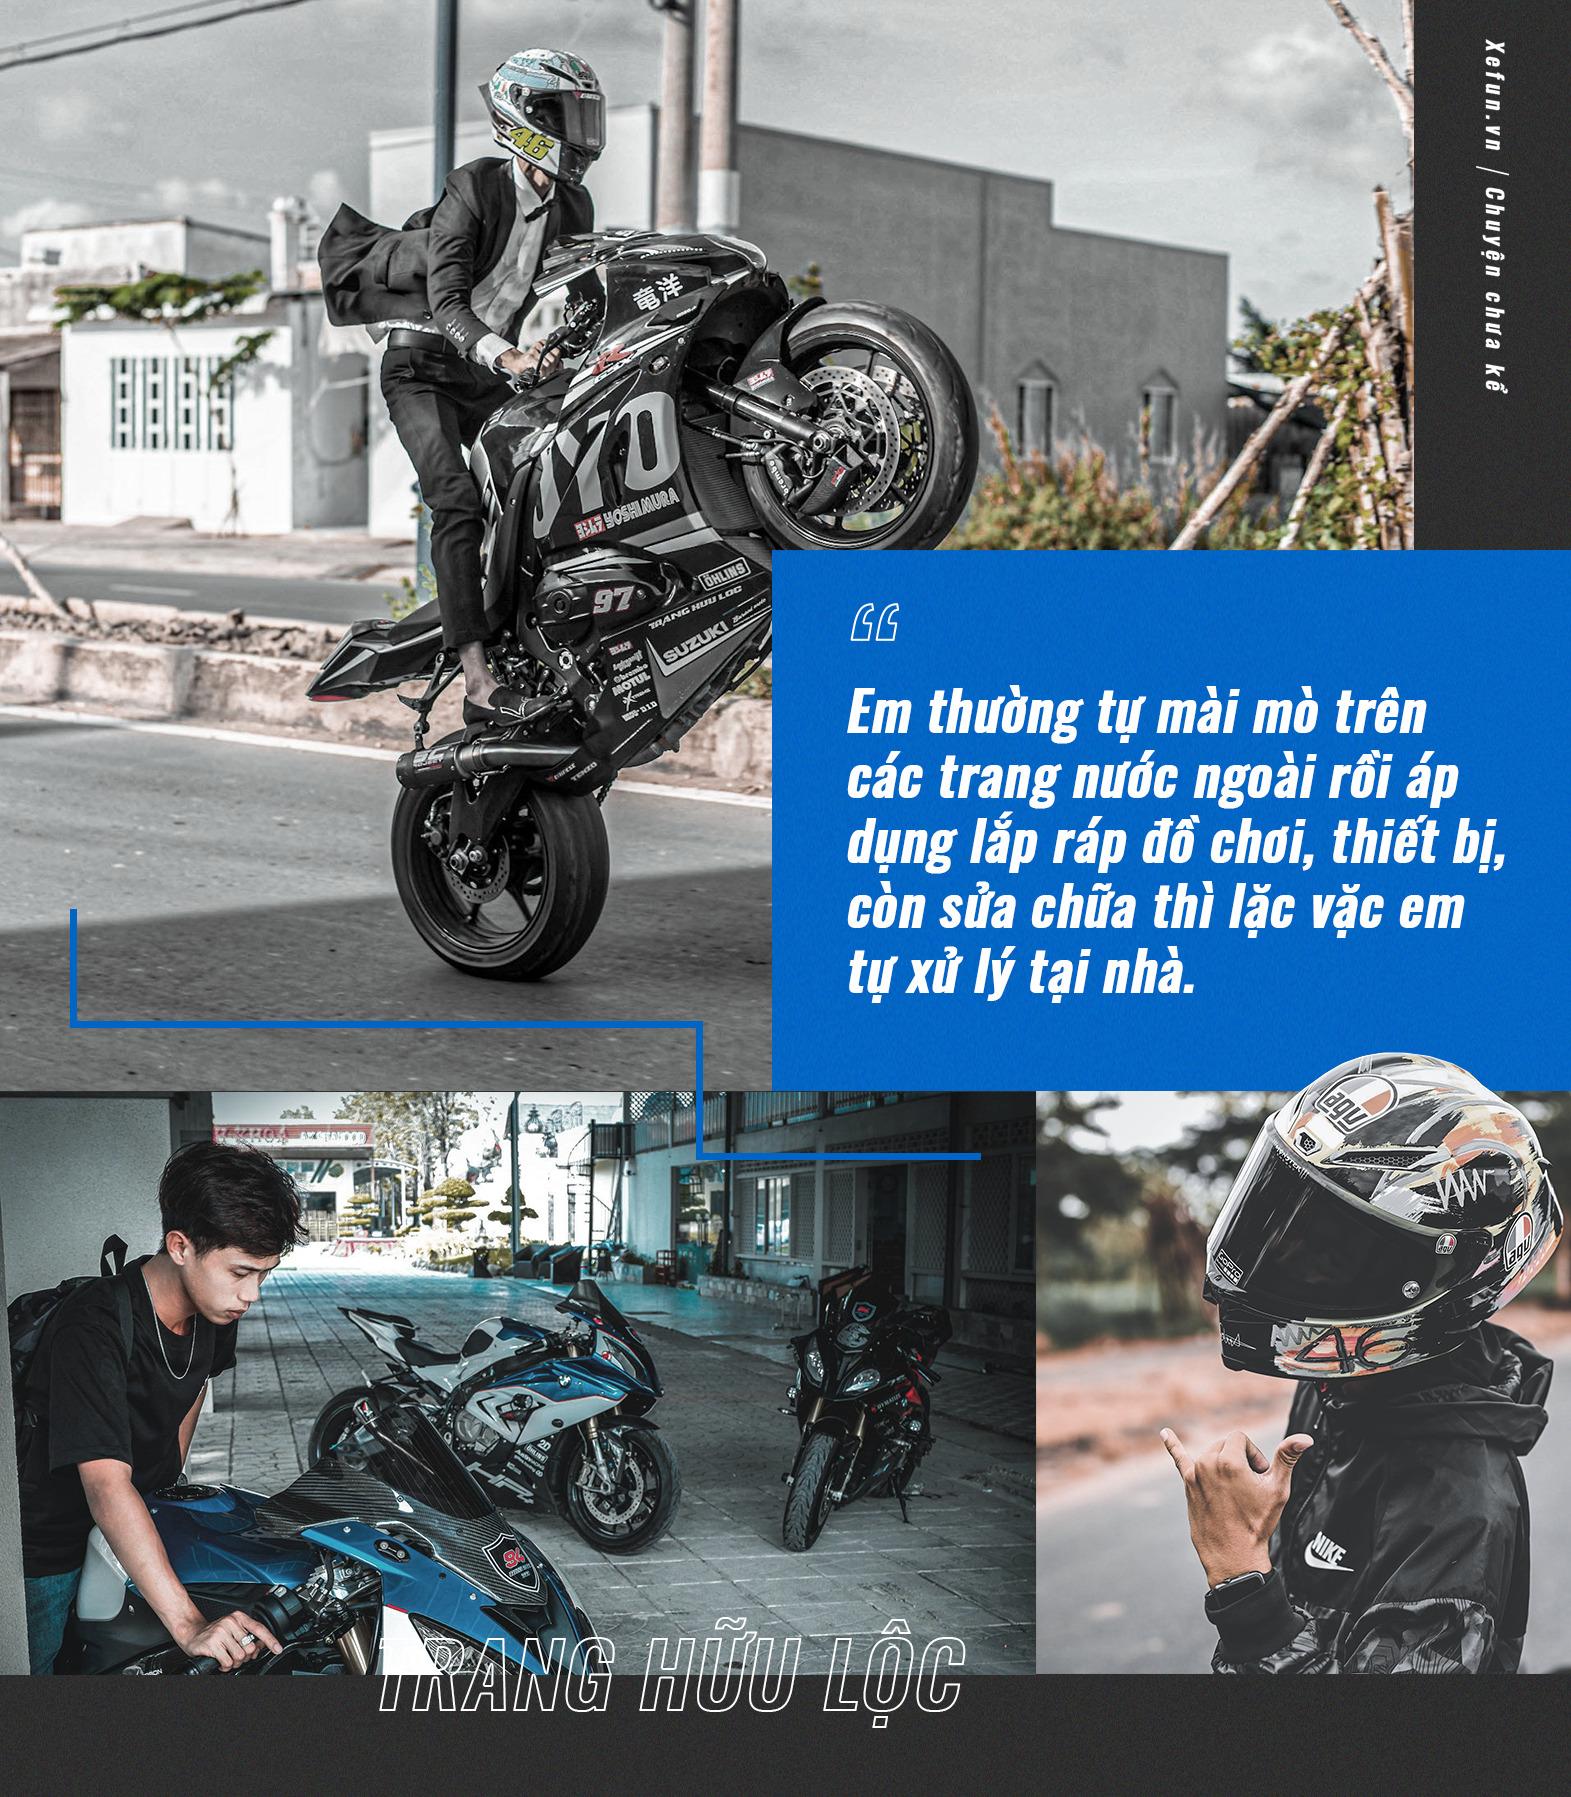 Kỹ-năng-bốc-đầu-Wheelie-và-hành-trình-chưa-kể-của-Trang-Hữu-Lộc-Biker-Phân-khối-lớn-Xefun-_10_